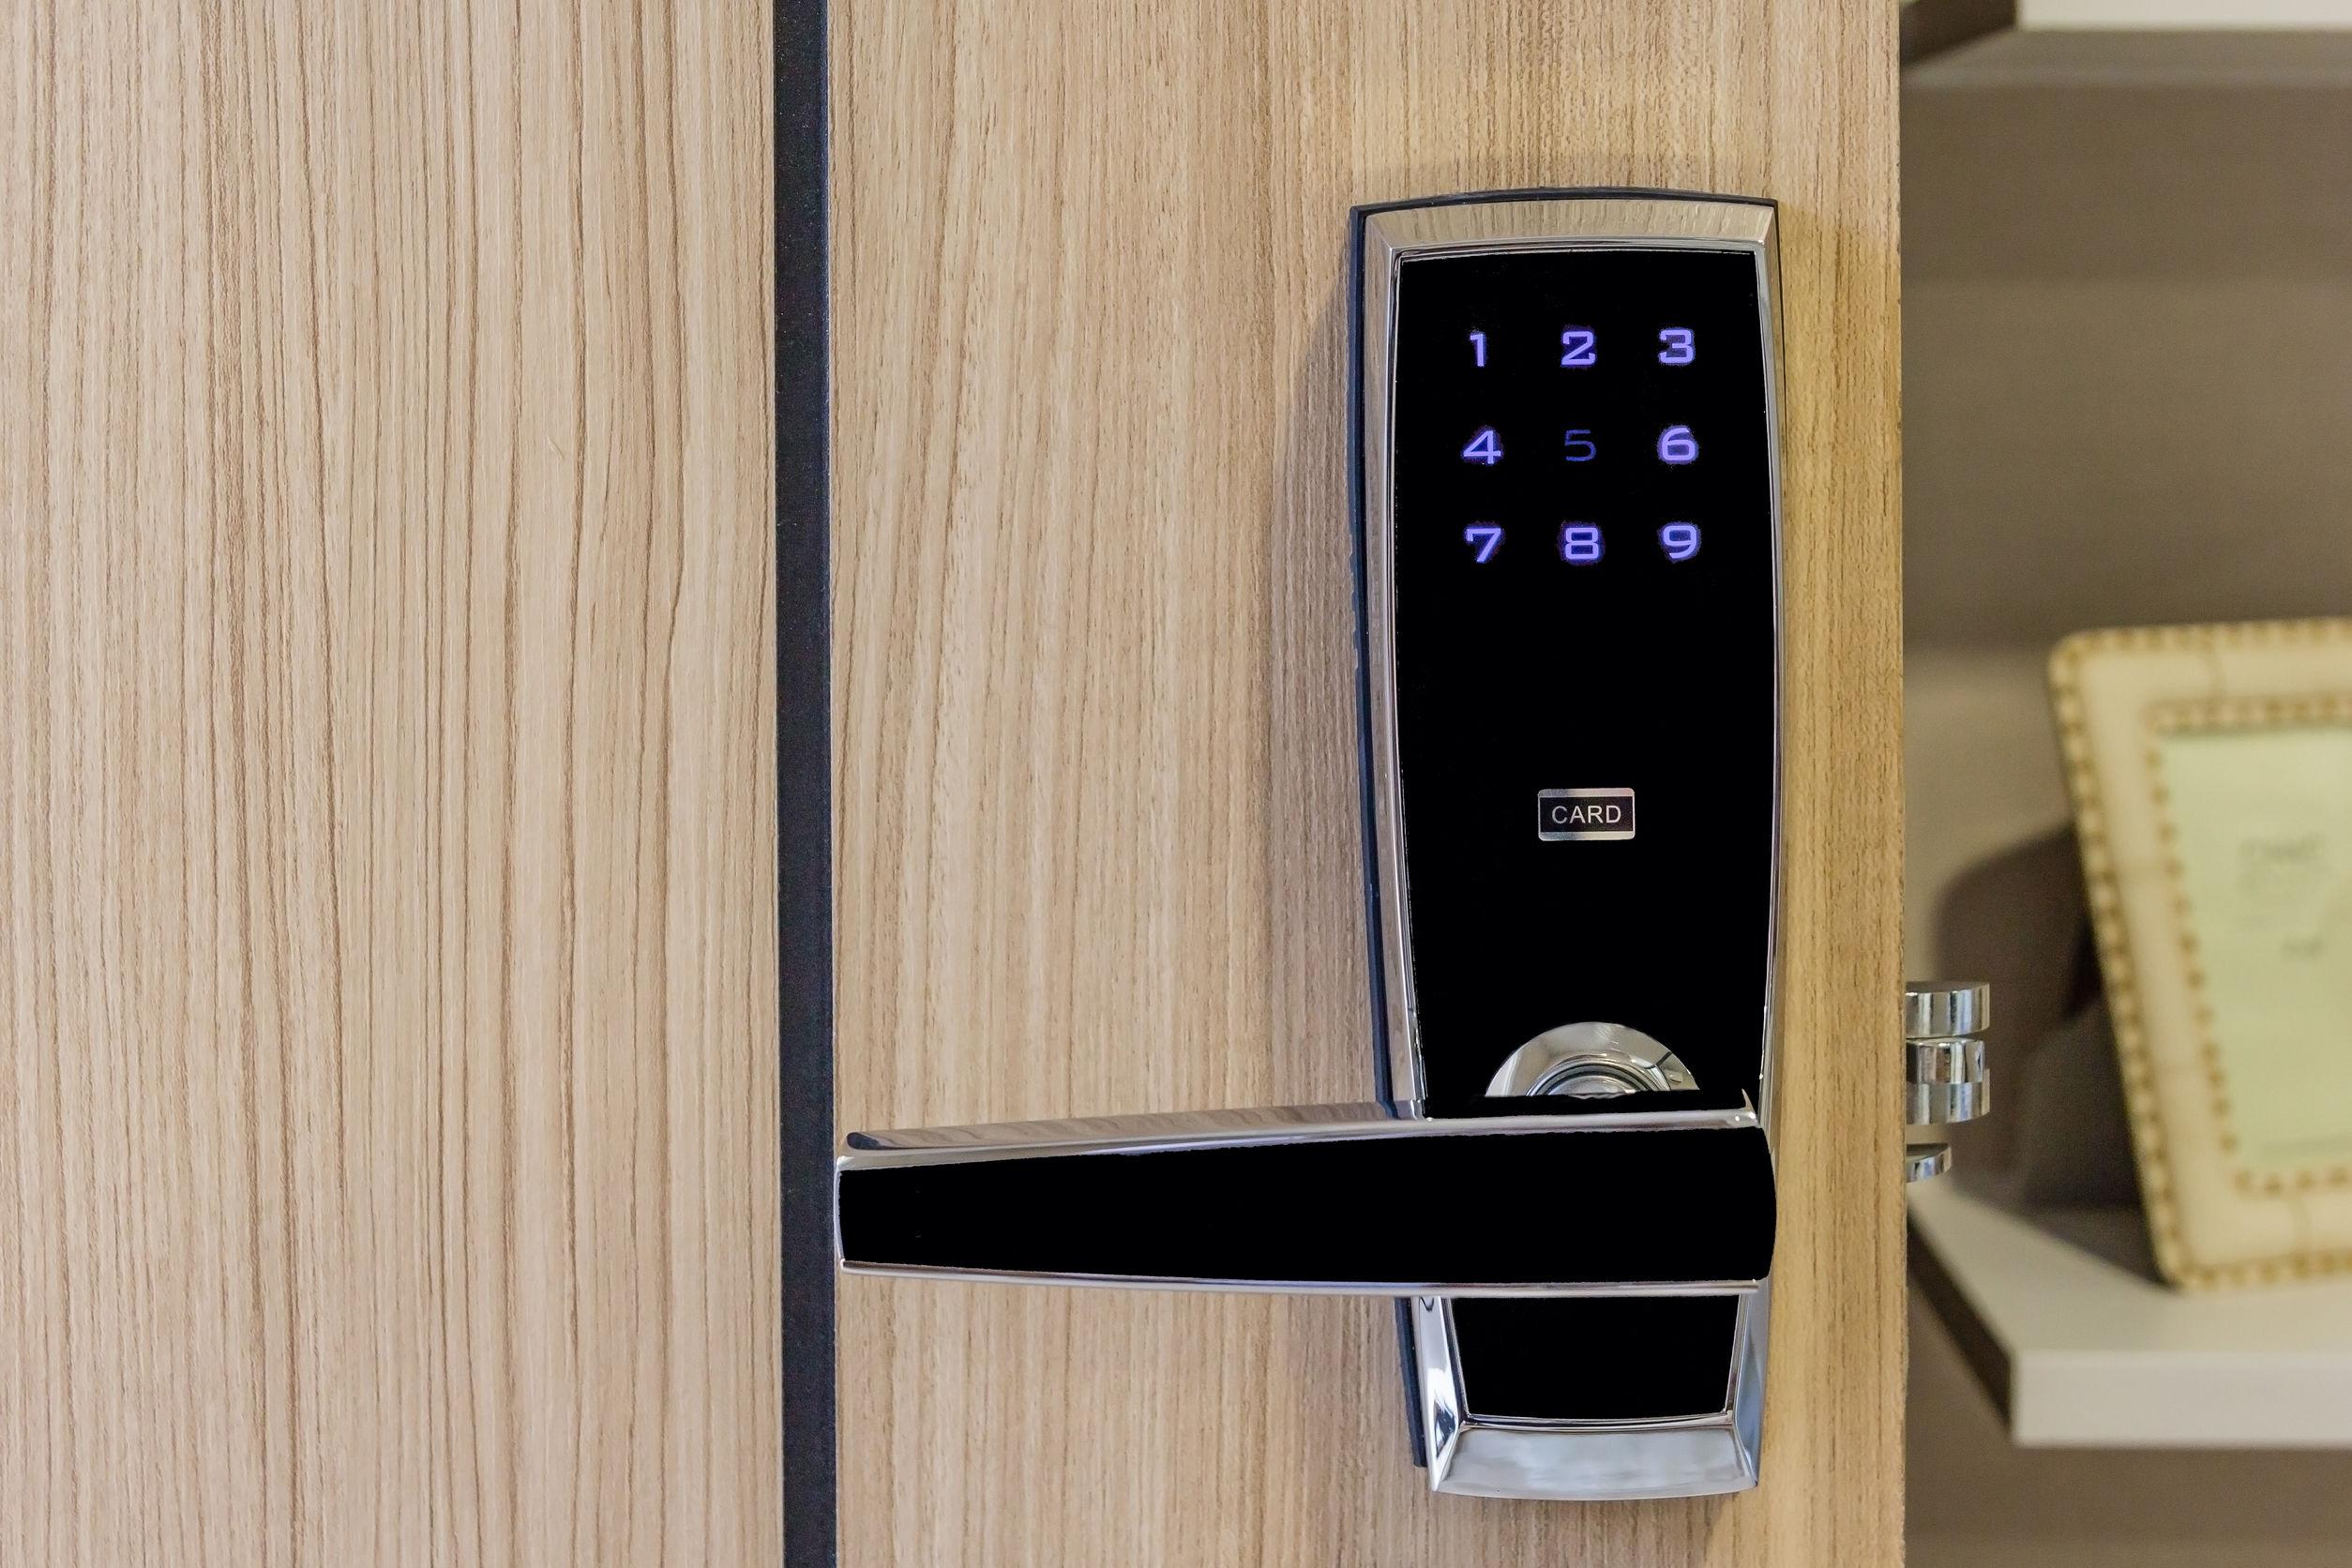 Cerradura electrónica: ¿Cuál es la mejor del 2020?